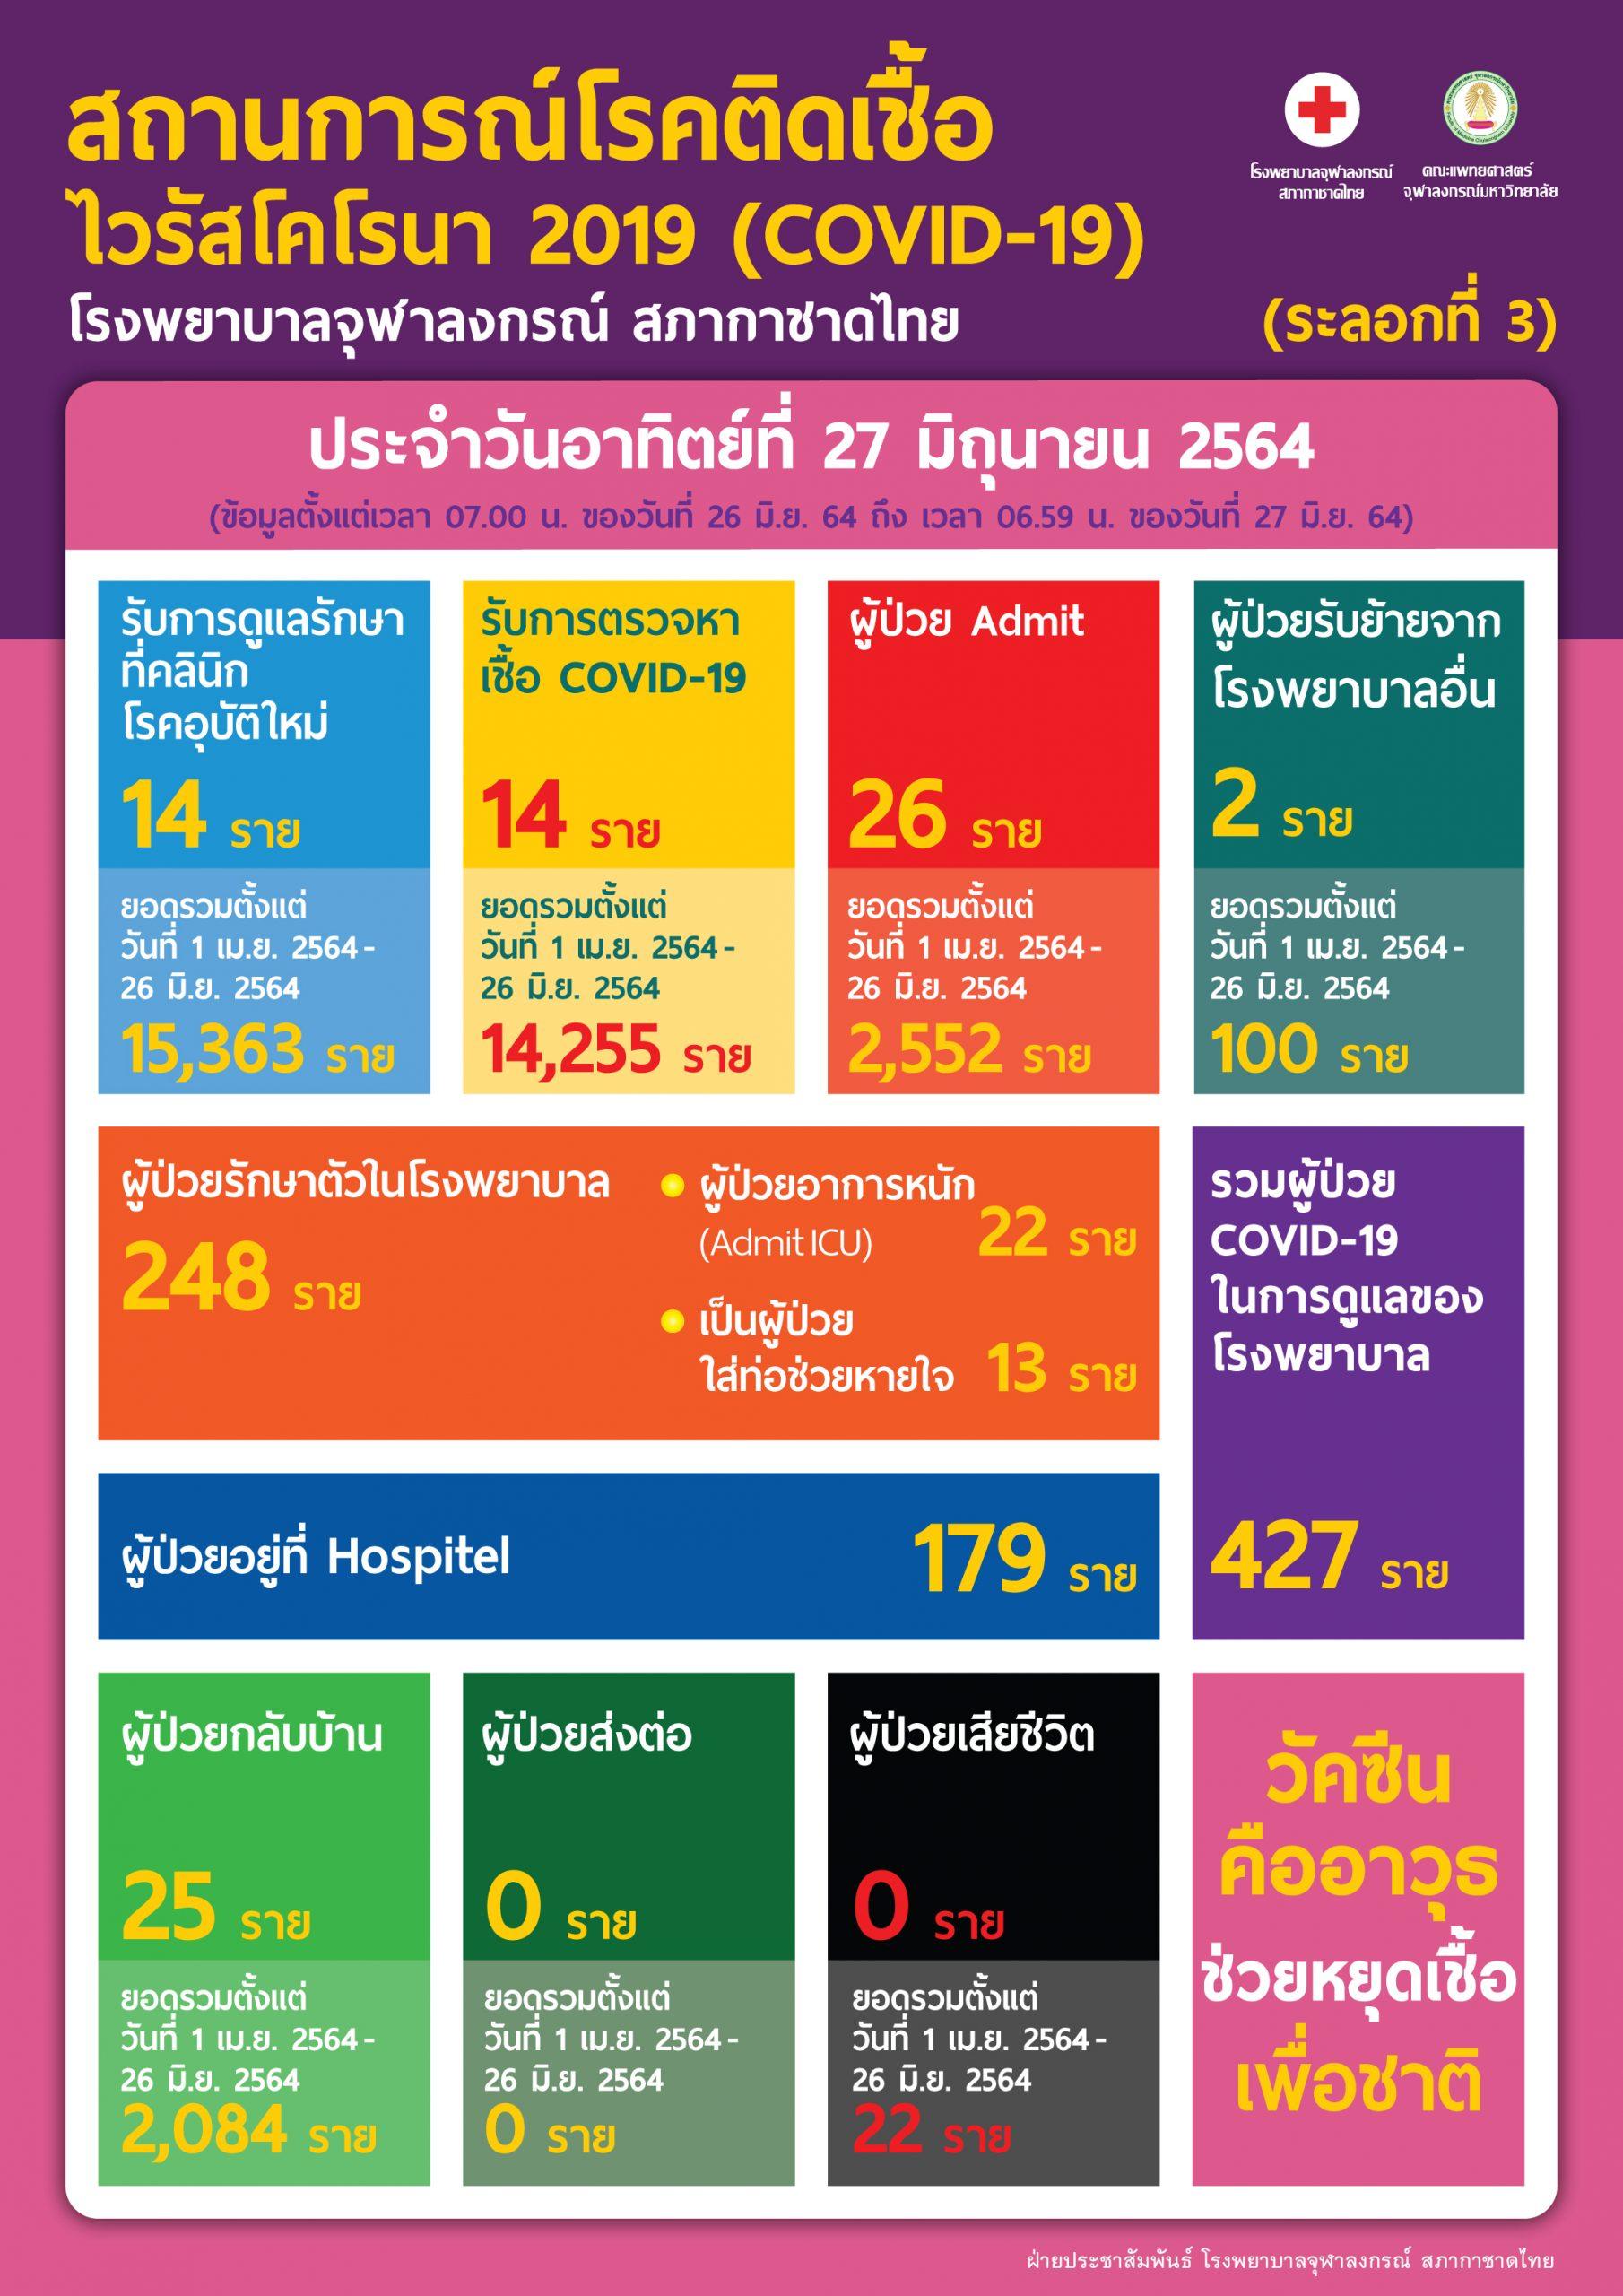 สถานการณ์โรคติดเชื้อไวรัสโคโรนา 2019 (COVID-19) (ระลอกที่ 3)โรงพยาบาลจุฬาลงกรณ์ สภากาชาดไทย ประจำวันอาทิตย์ที่ 27 มิถุนายน 2564